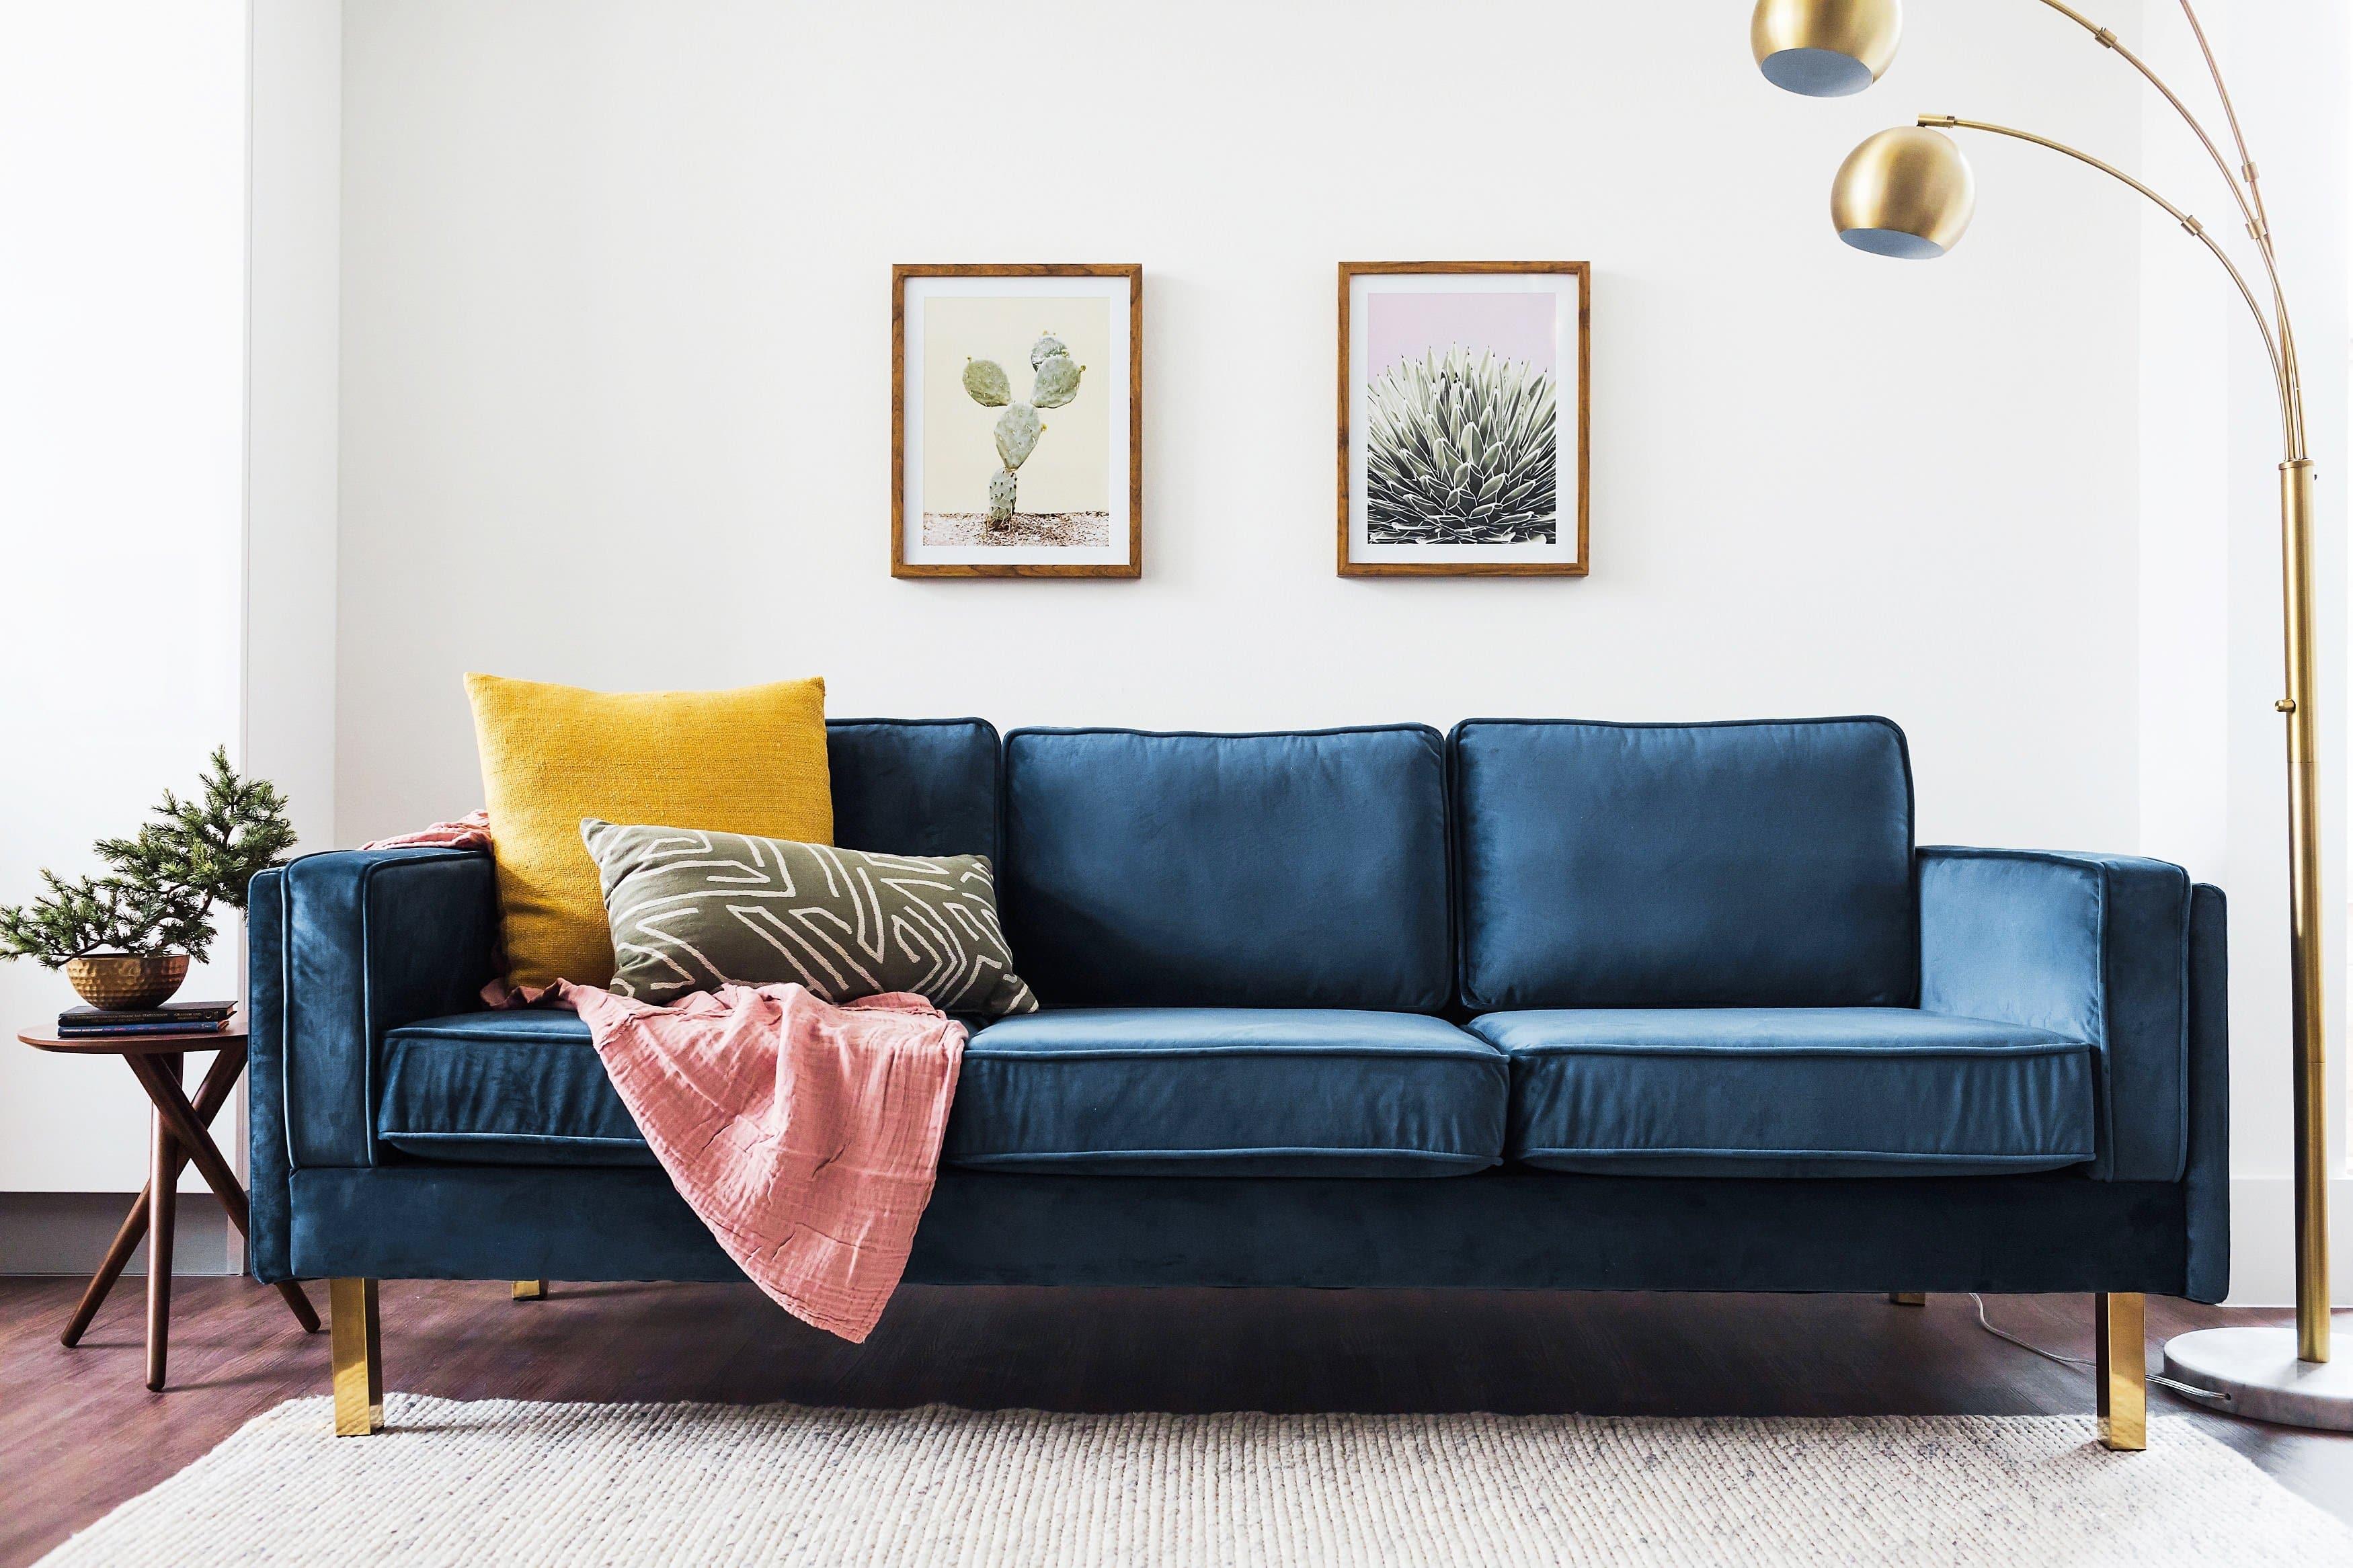 Lexington Blue Velvet Sofa Mid Century Modern Sofa Gold Legs Edloe Finch Furniture Co